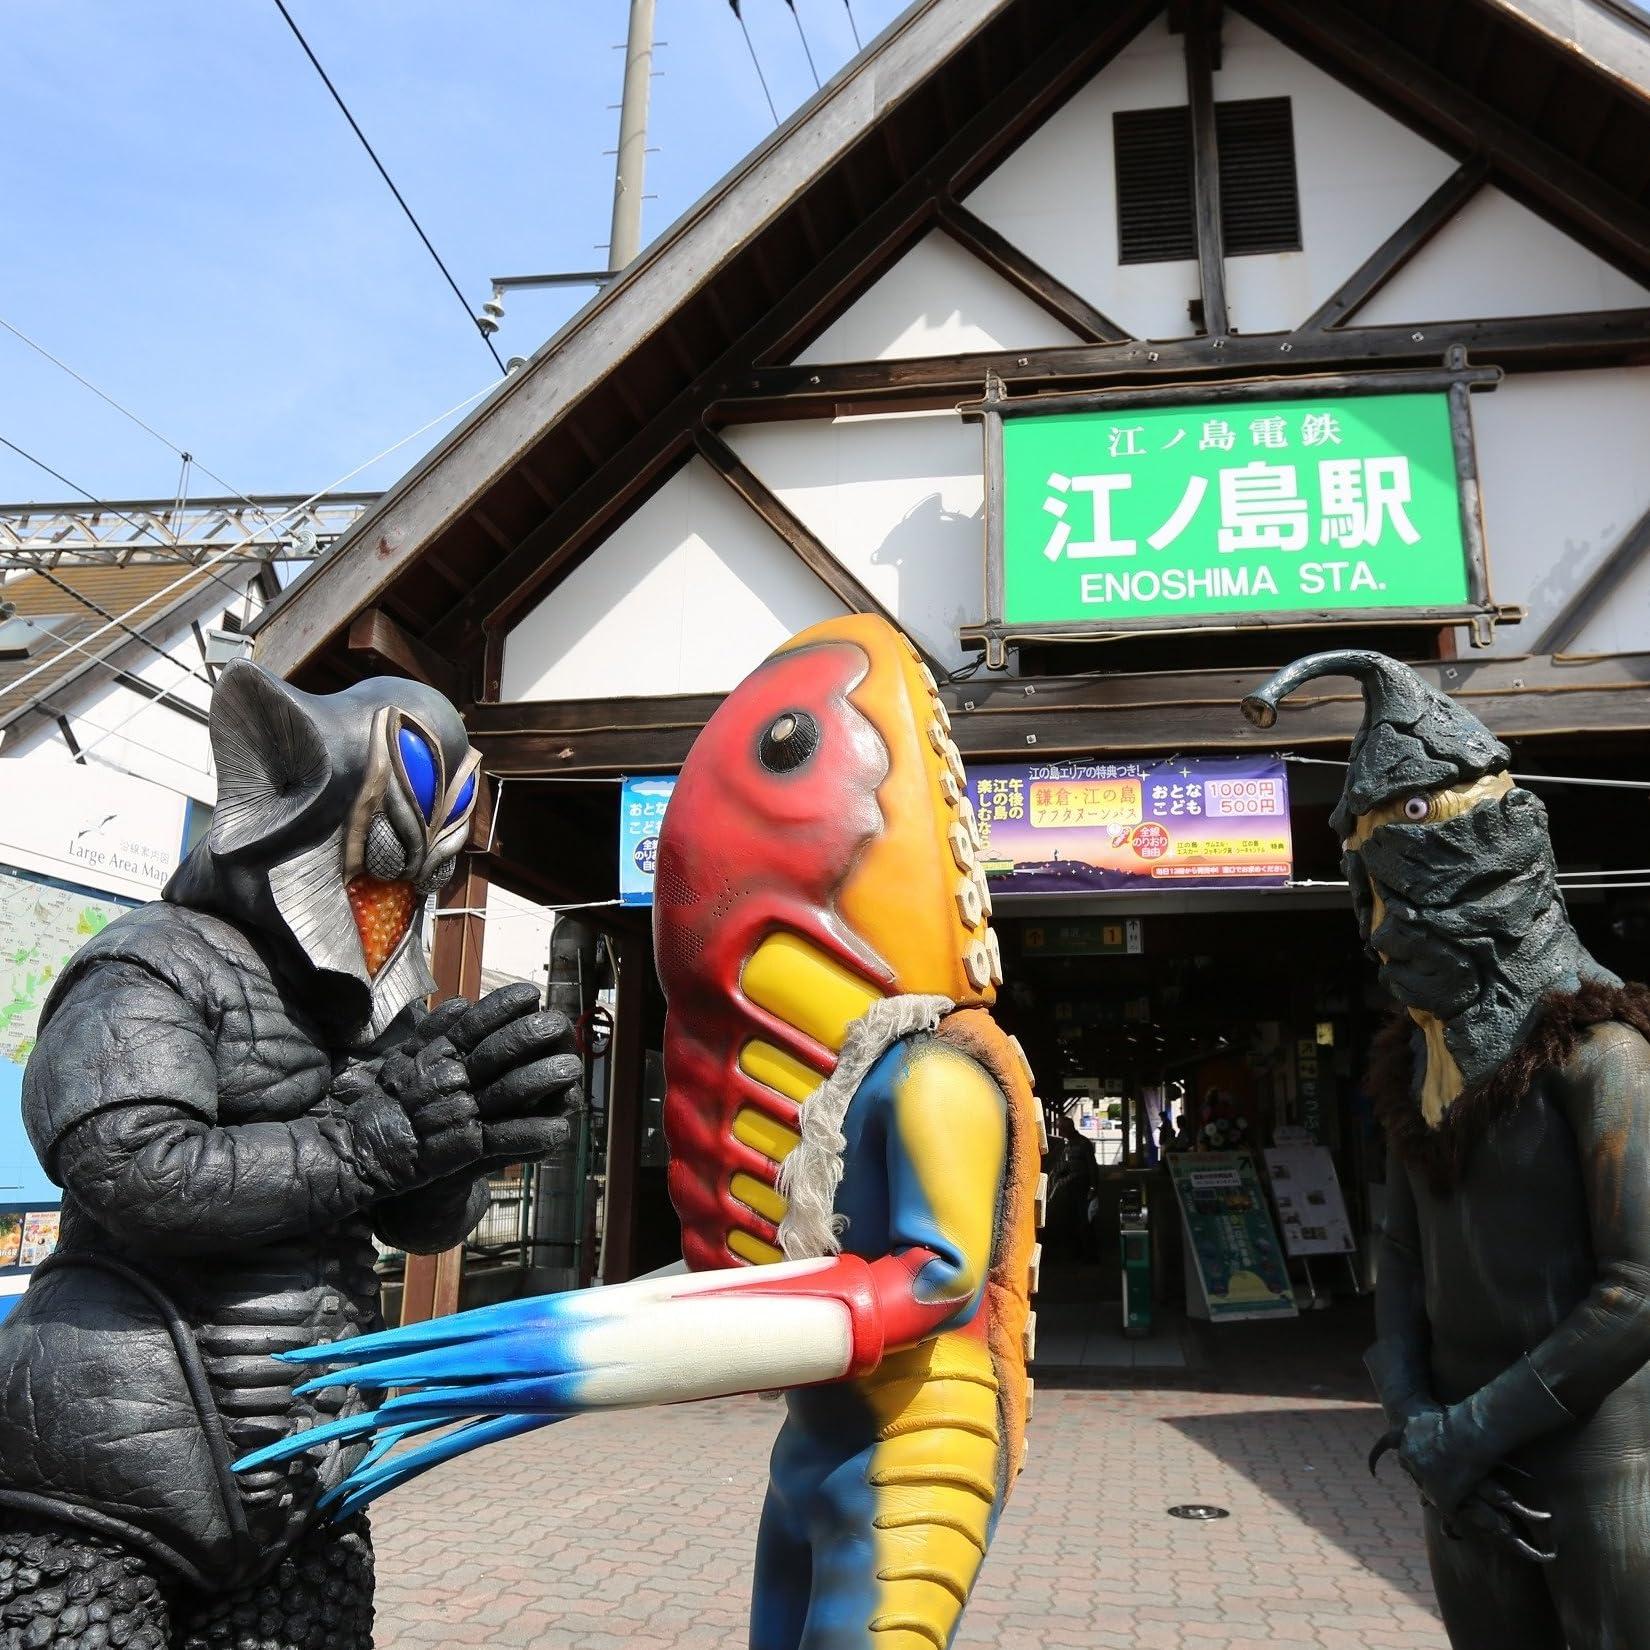 ウルトラ怪獣散歩 Ipad壁紙 15年の挑戦 江ノ島 その他 スマホ用画像